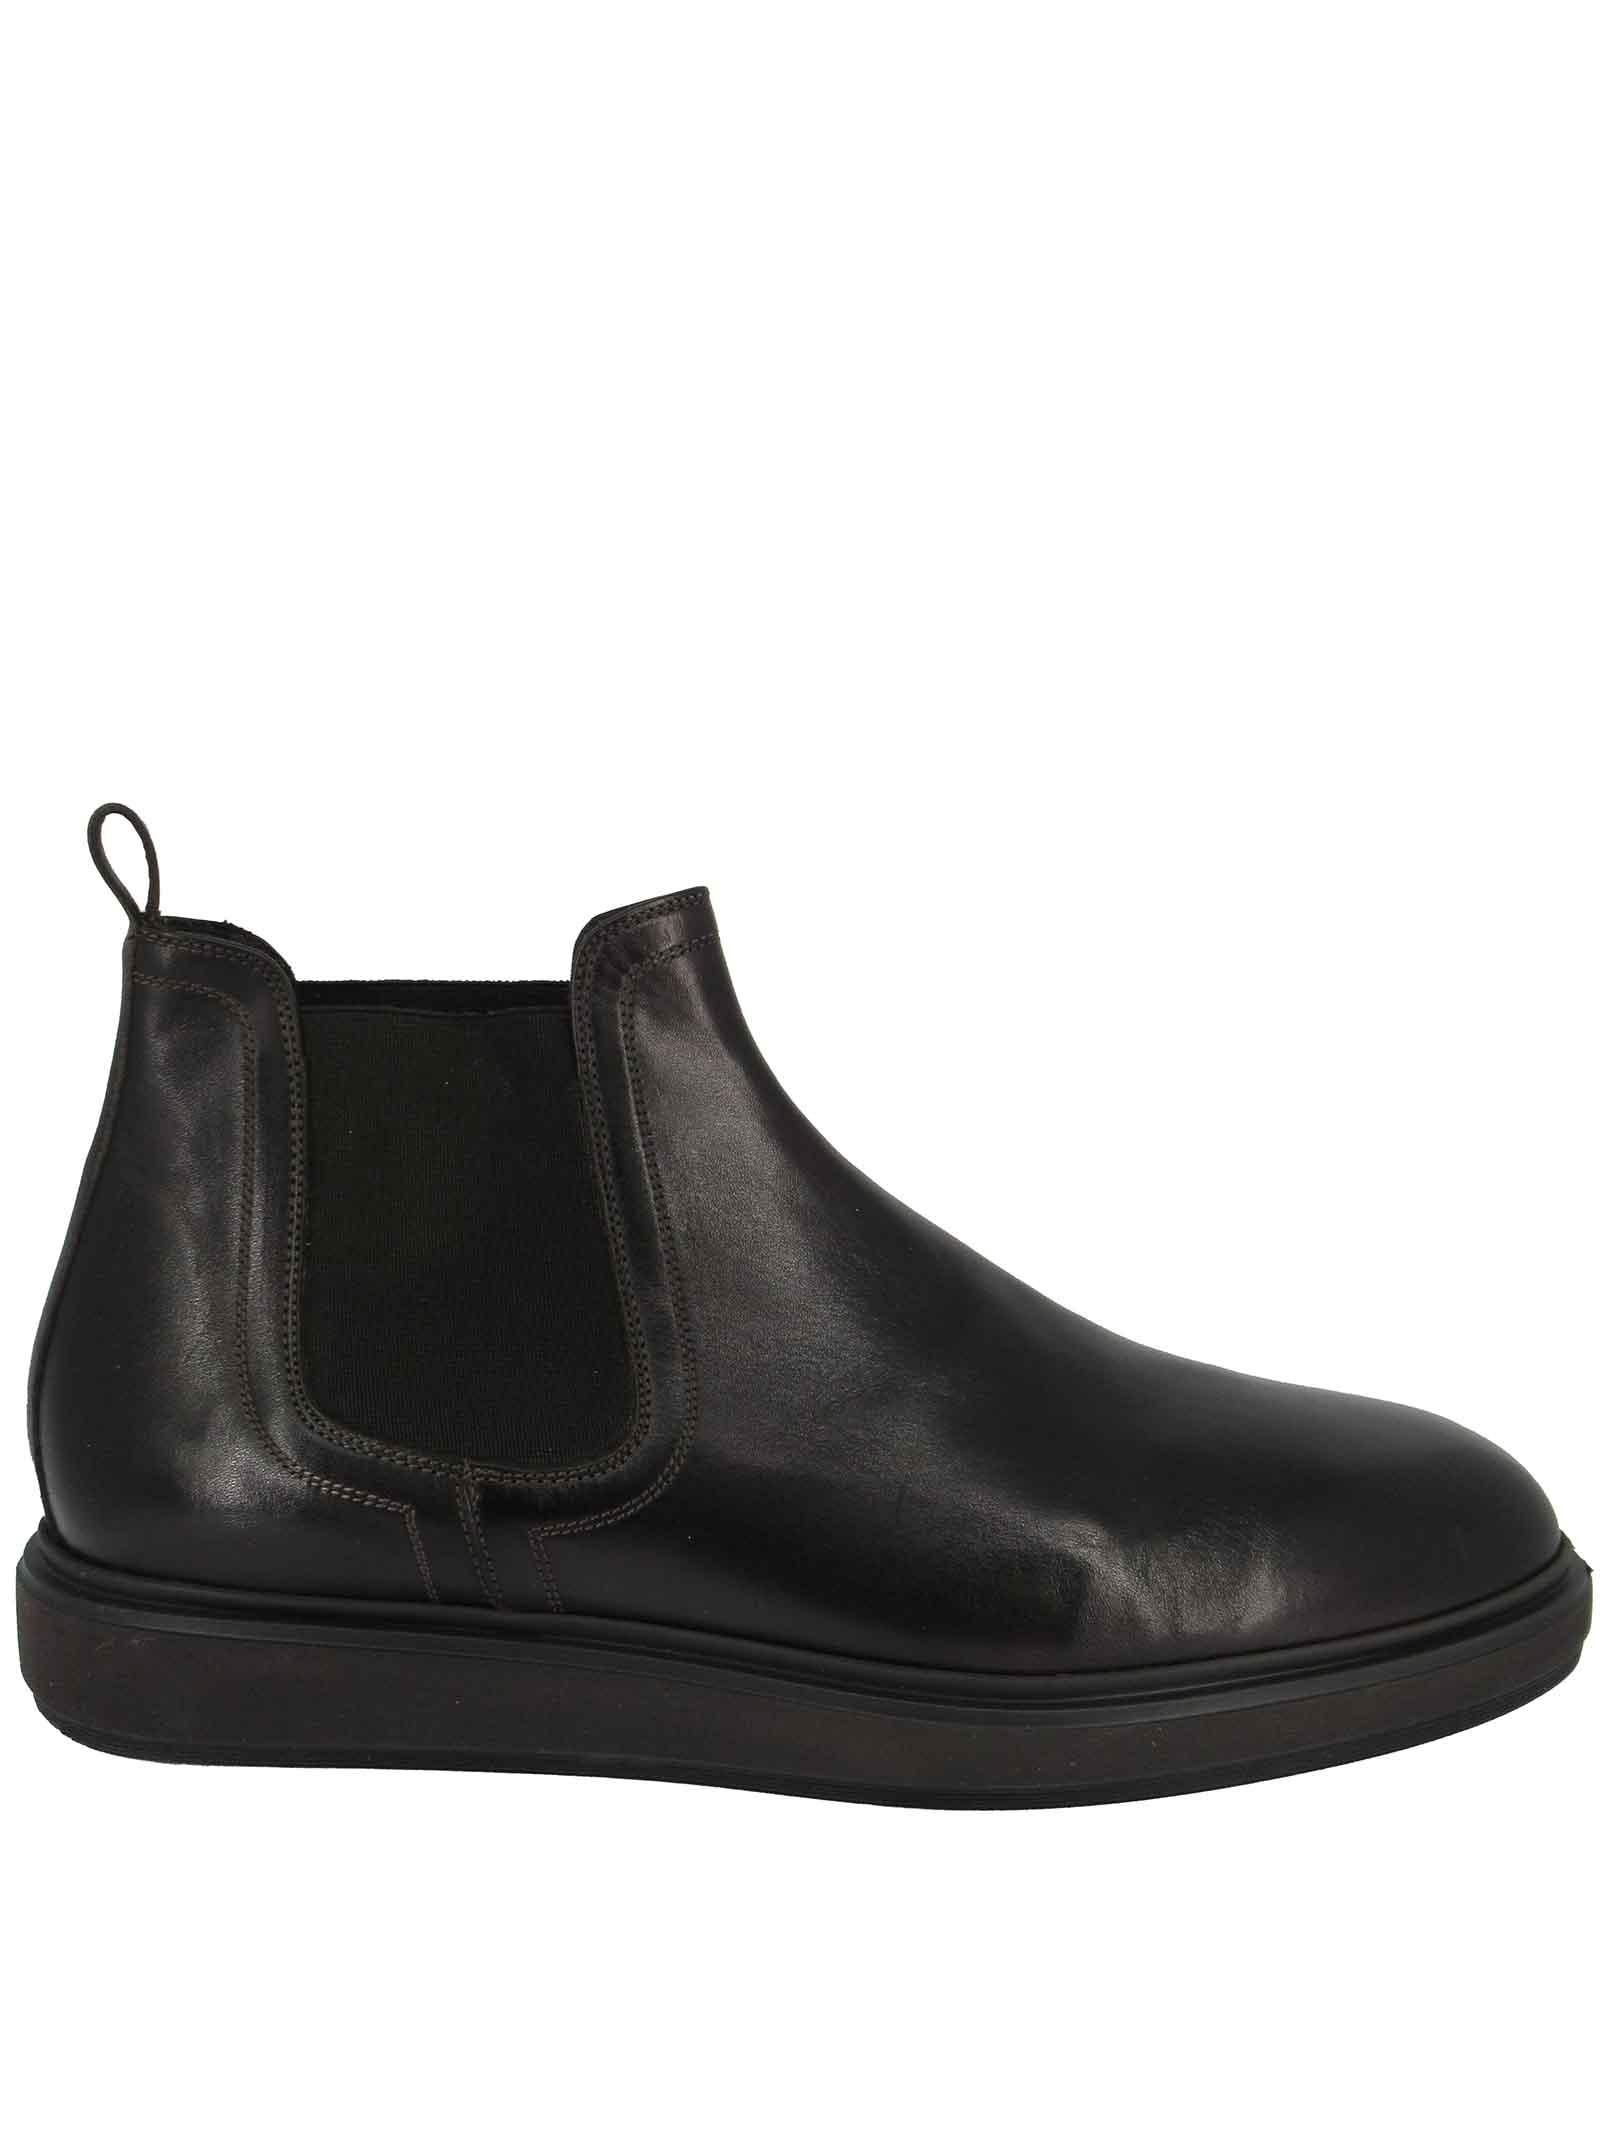 Calzature Uomo Stivaletti Chelsea Boot in Pelle Marrone e Fondo Gomma Zeppa Jerold Wilton | Stivaletti | 1072MORO